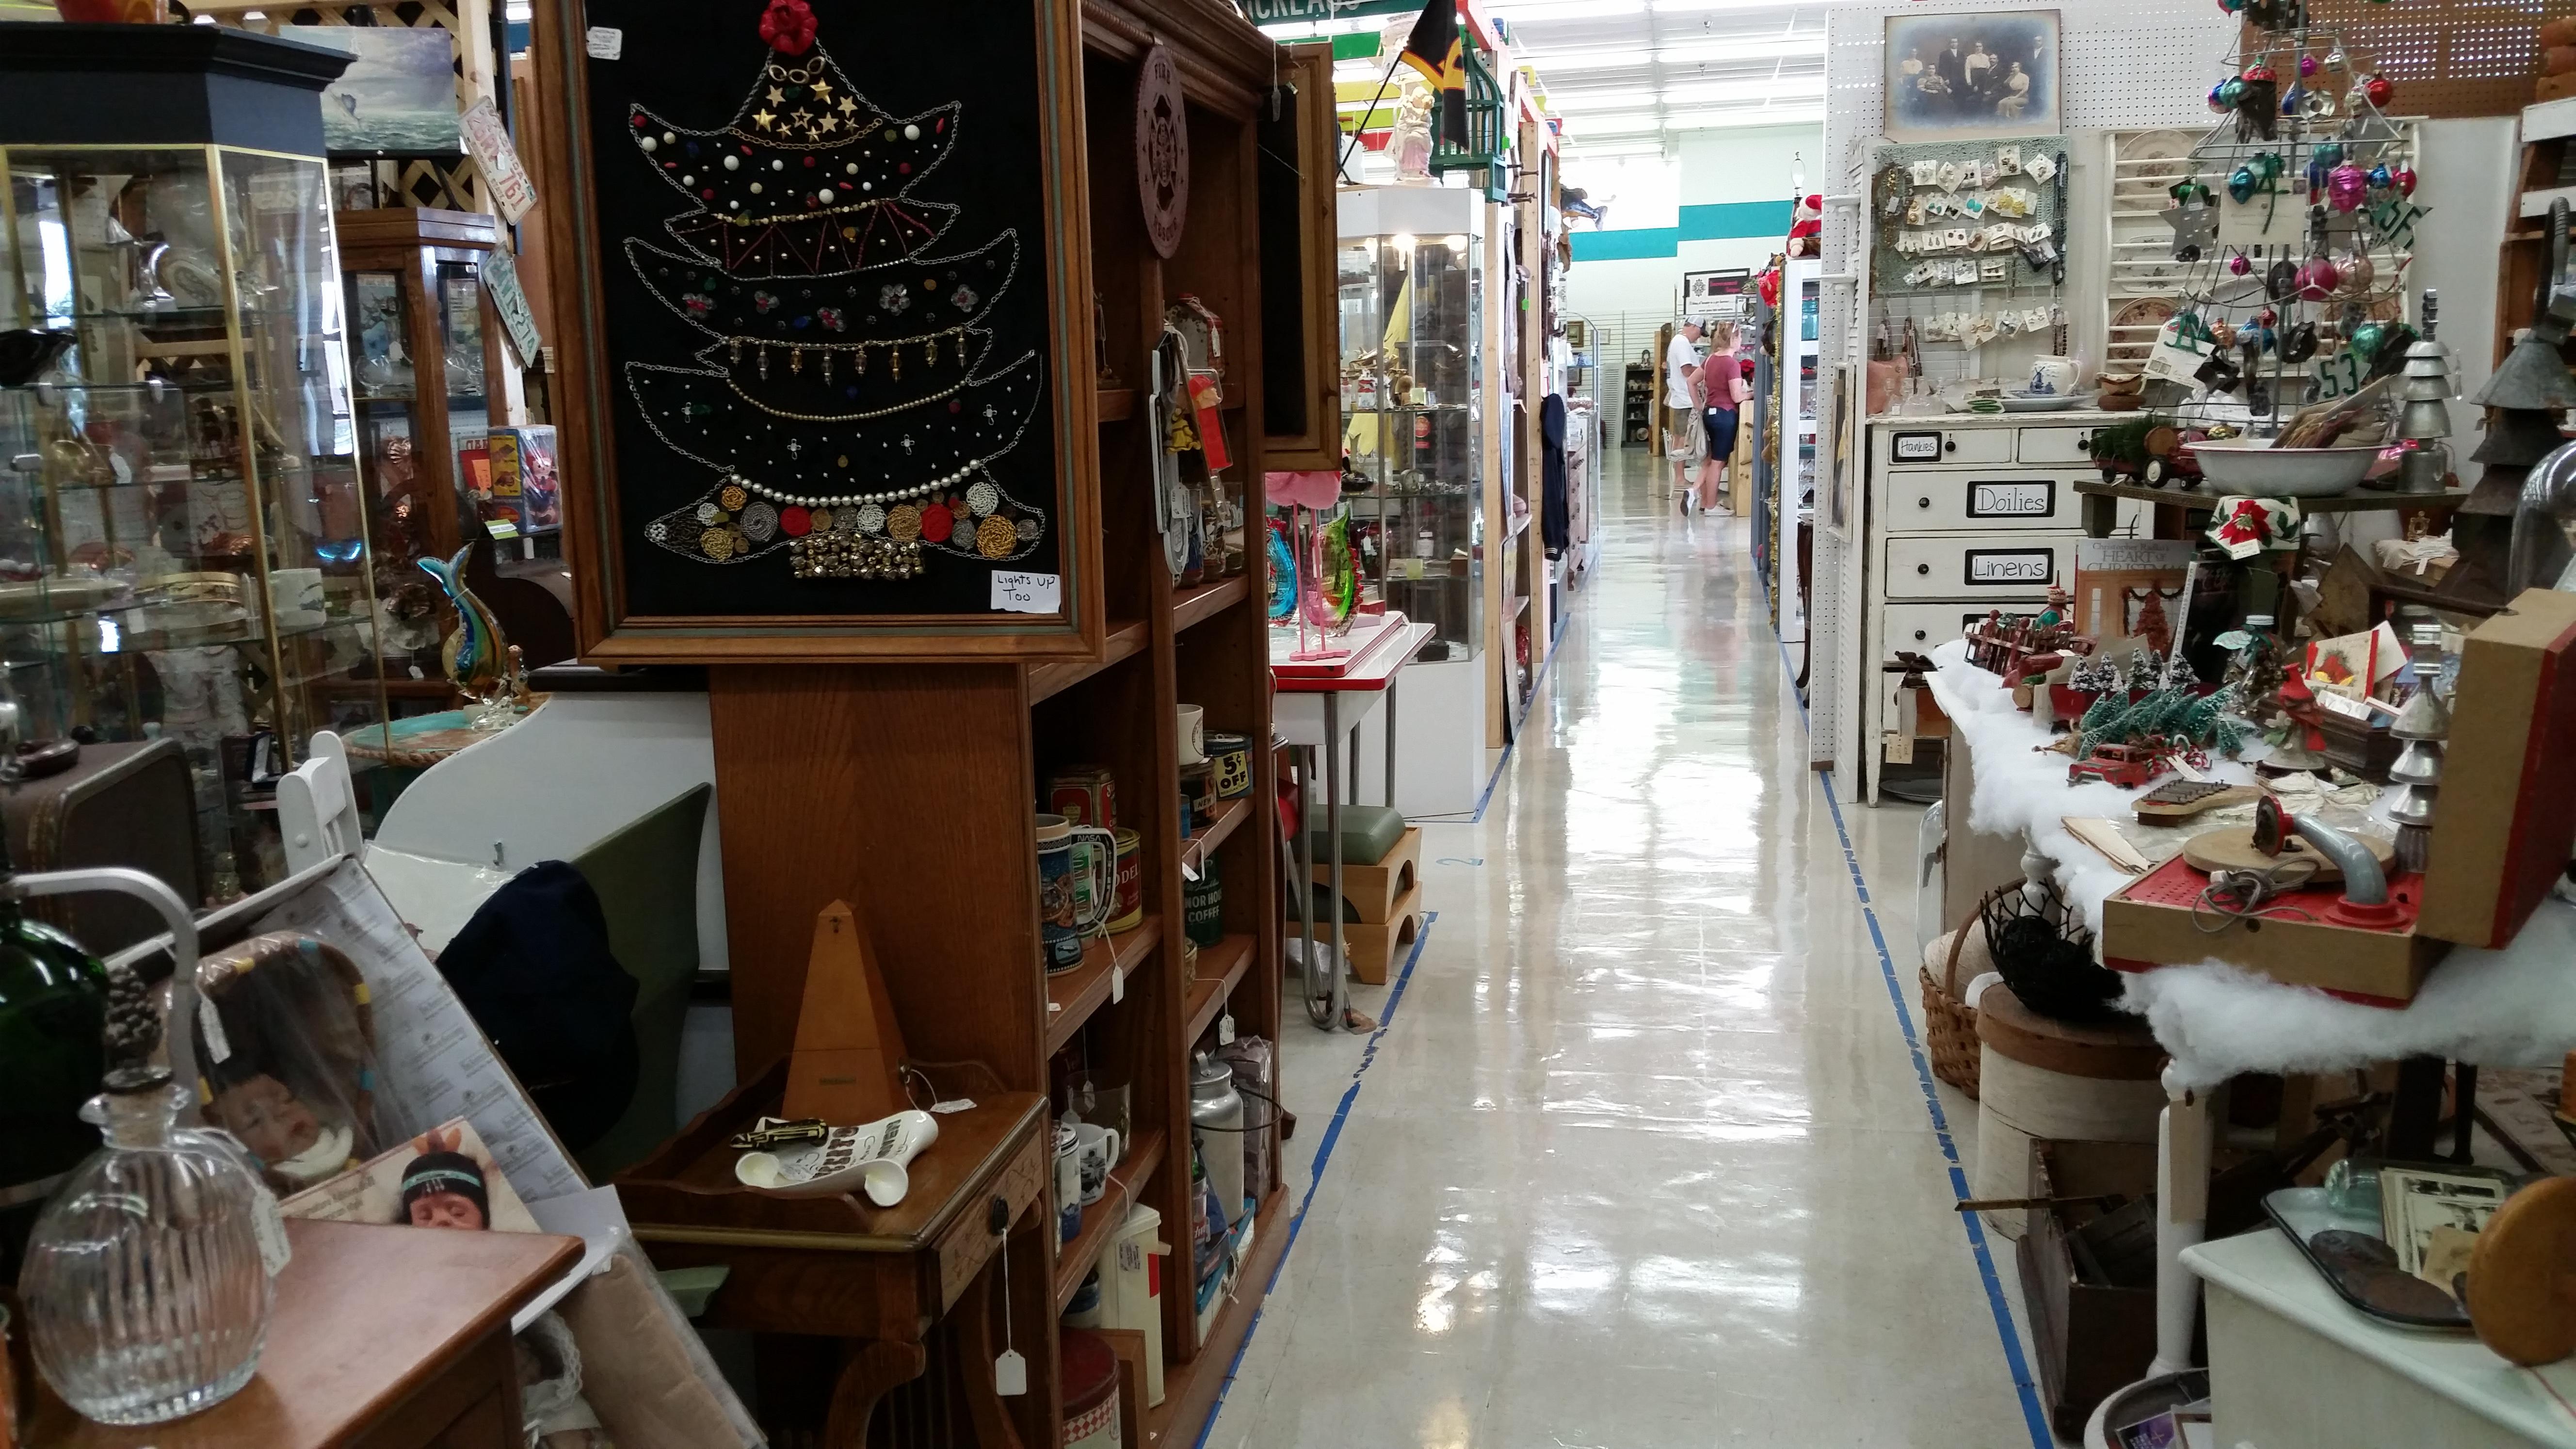 Kitchen Supply Store Melbourne Fl